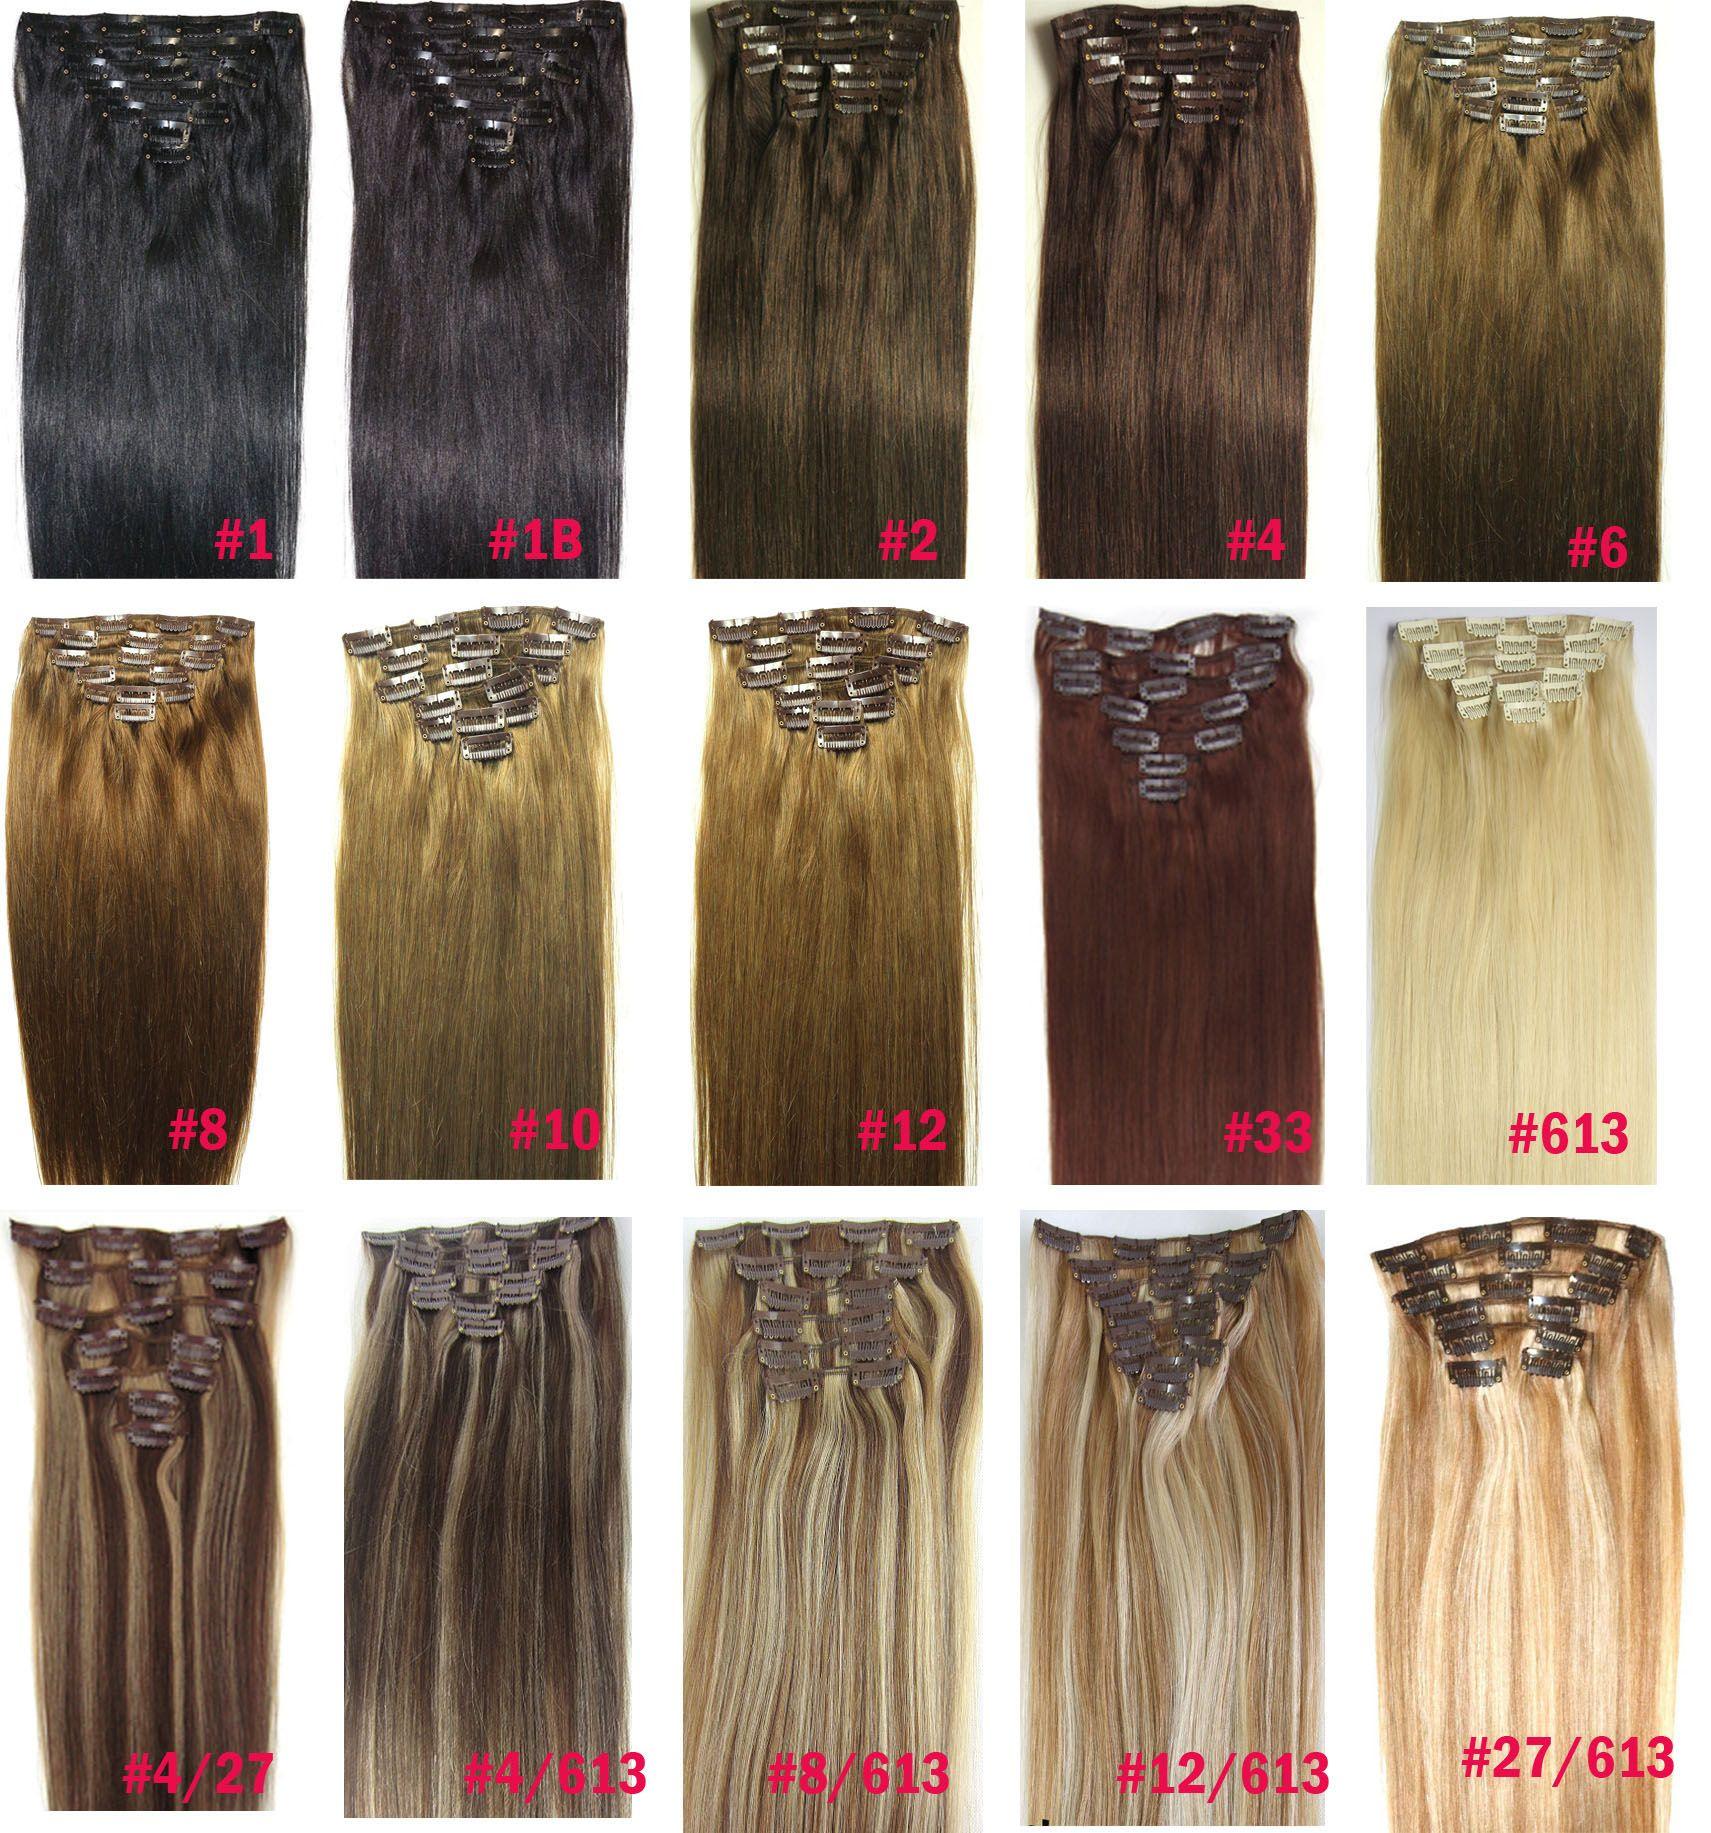 ZZHAIR 16 -32 100 ٪ البرازيلي ريمي الشعر البشري كليب في / على الشعر التمديد الإنسان 8PCS تعيين رئيس كامل 100G 120G 140G